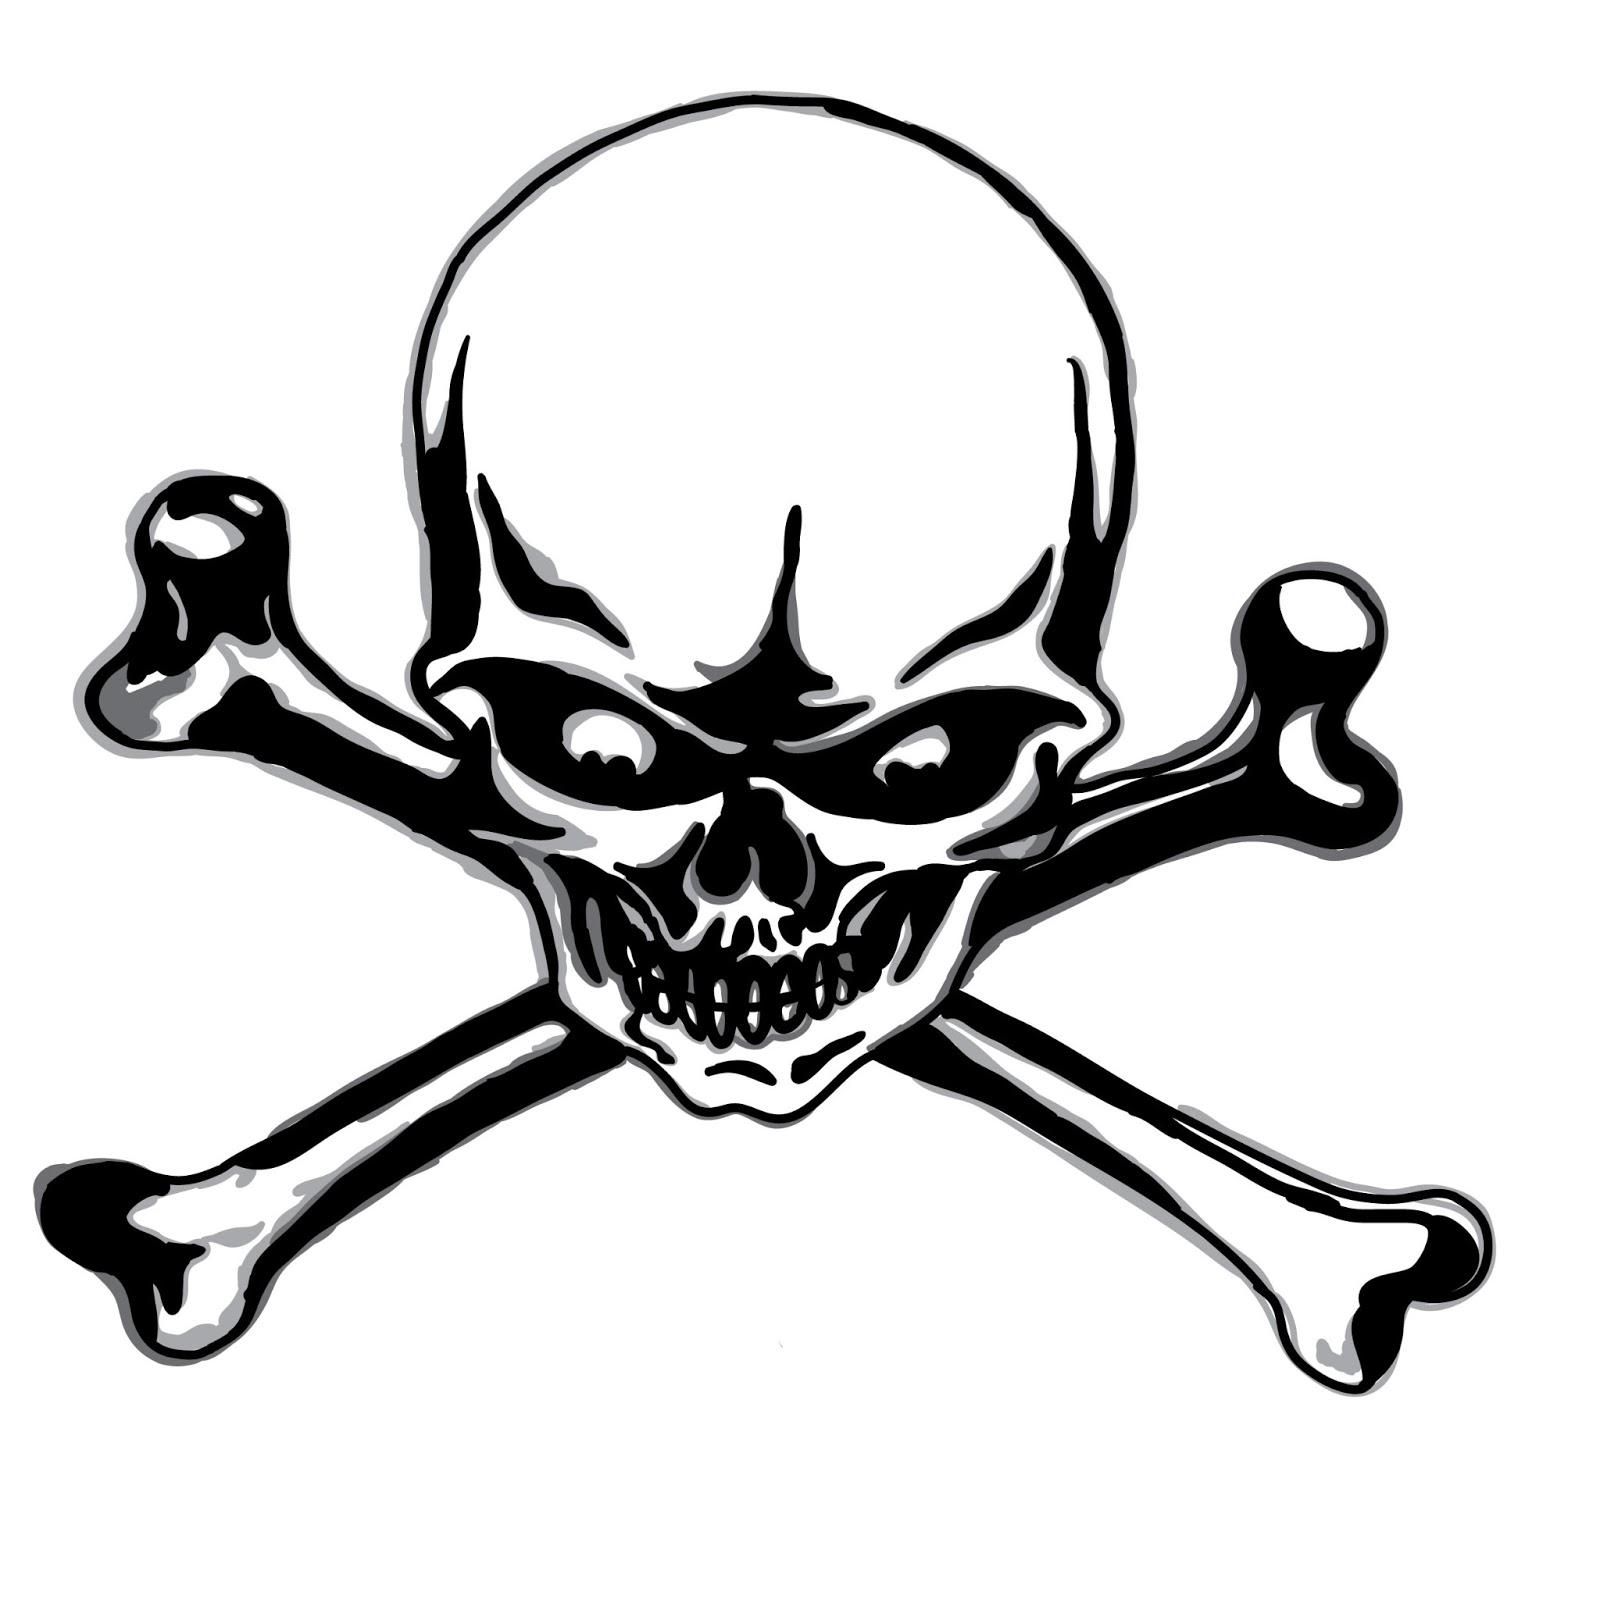 Simple skull tattoo designs - Simple Tribal Skull Stencil Designs Simple Tribal Skull Tattoo Designs